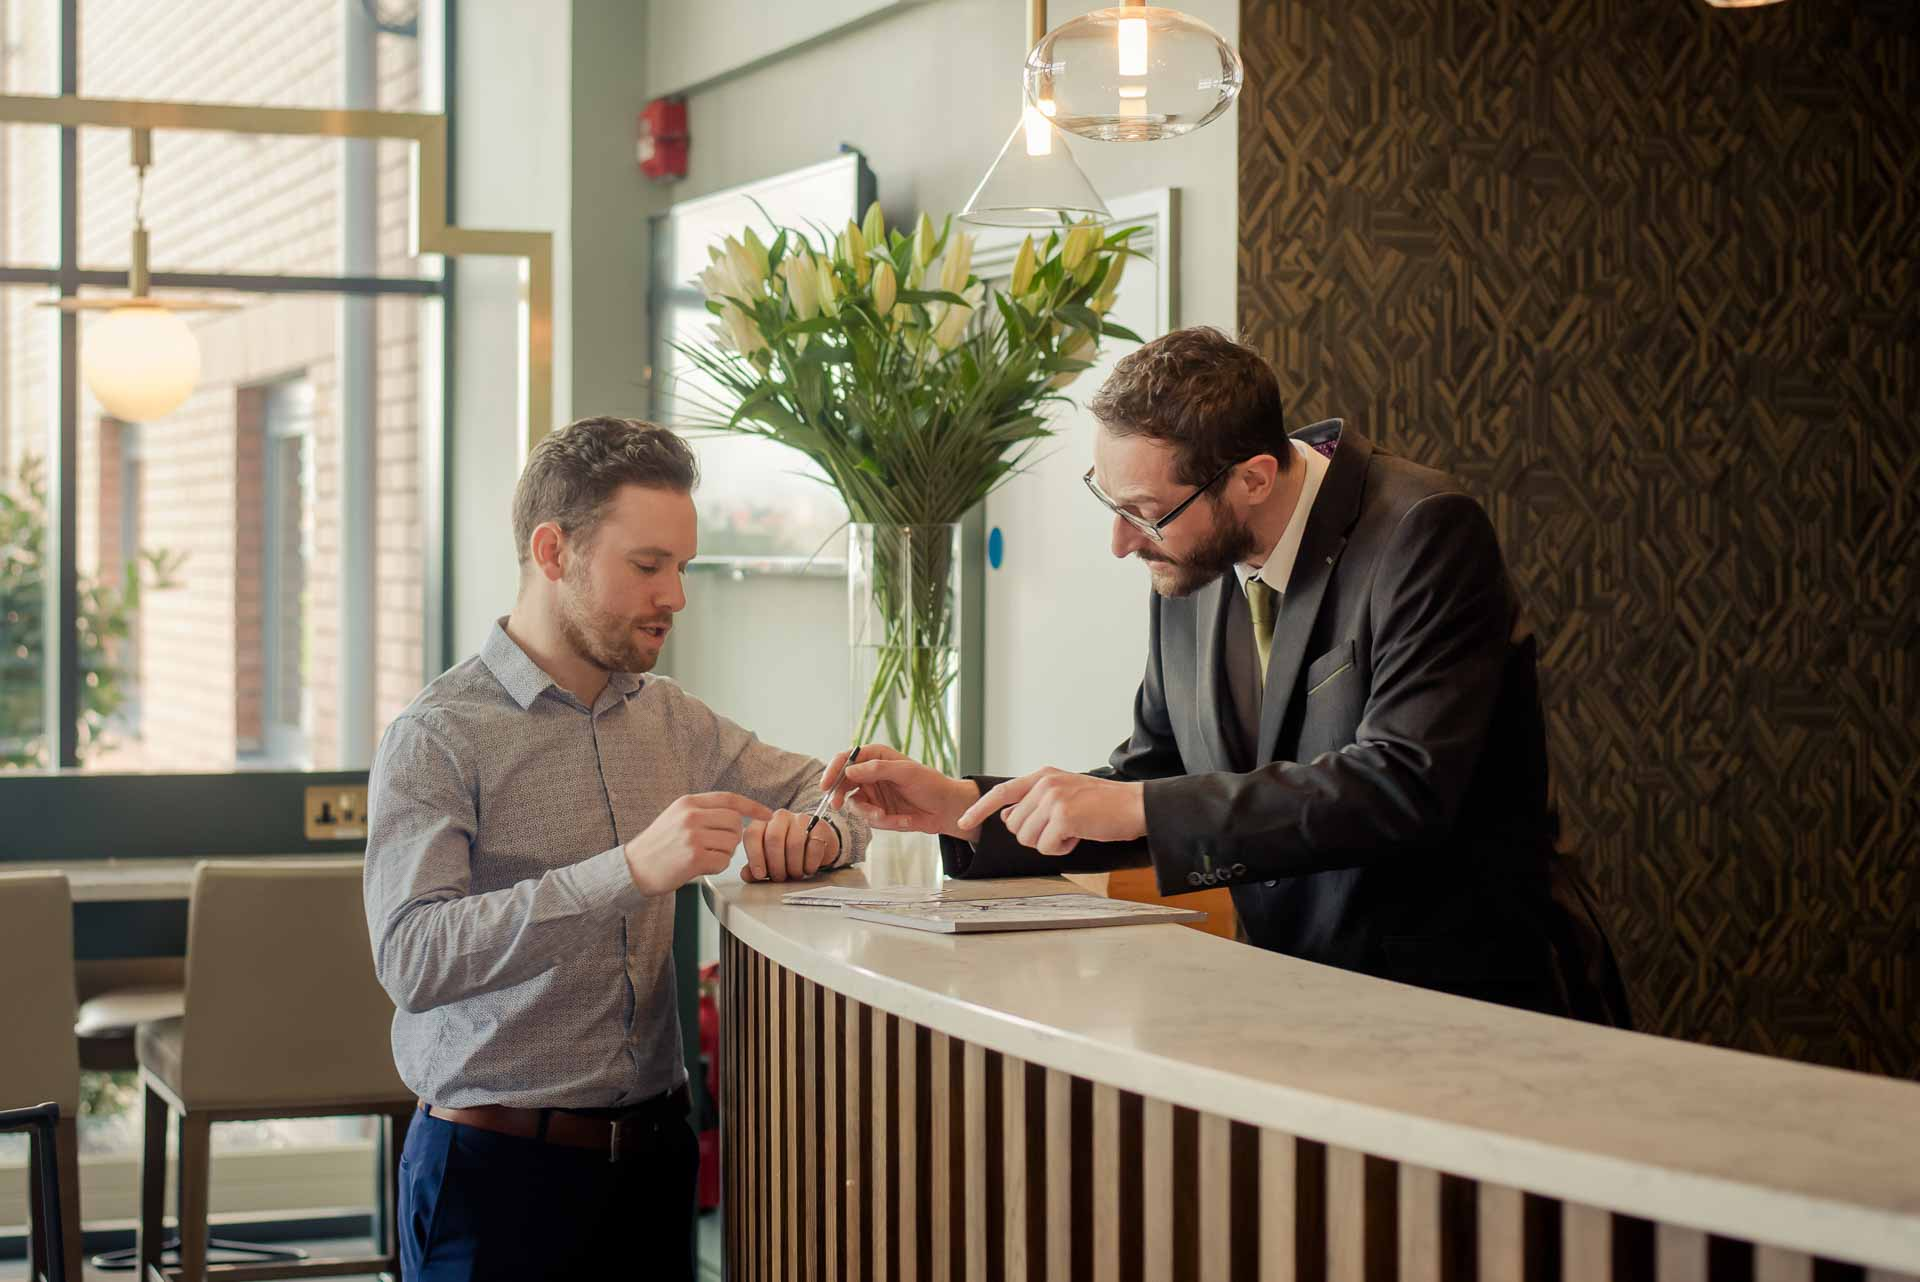 The Hoban Hotel Kilkenny man checking into hotel.JPG